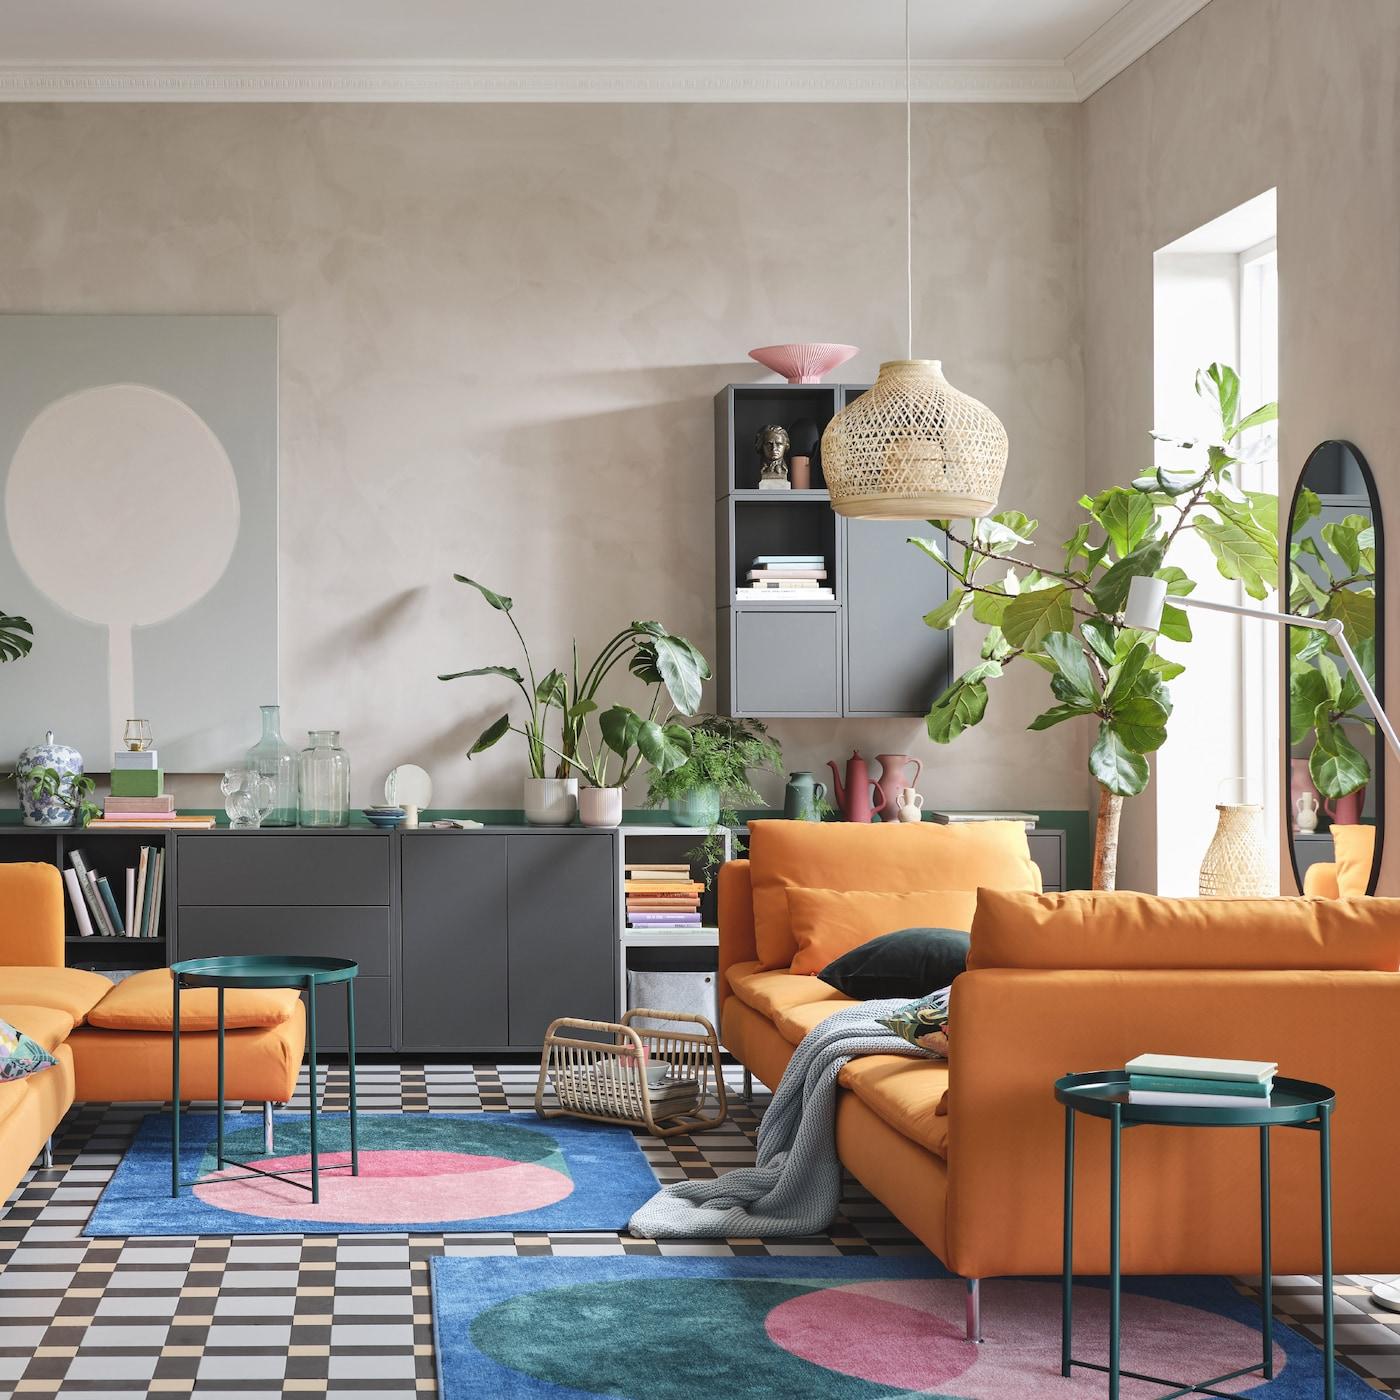 Full Size of Wohnwand Ikea Einrichtungsideen Inspirationen Fr Dein Wohnzimmer Schweiz Betten Bei Küche Kosten Kaufen Modulküche Miniküche Sofa Mit Schlaffunktion 160x200 Wohnzimmer Wohnwand Ikea